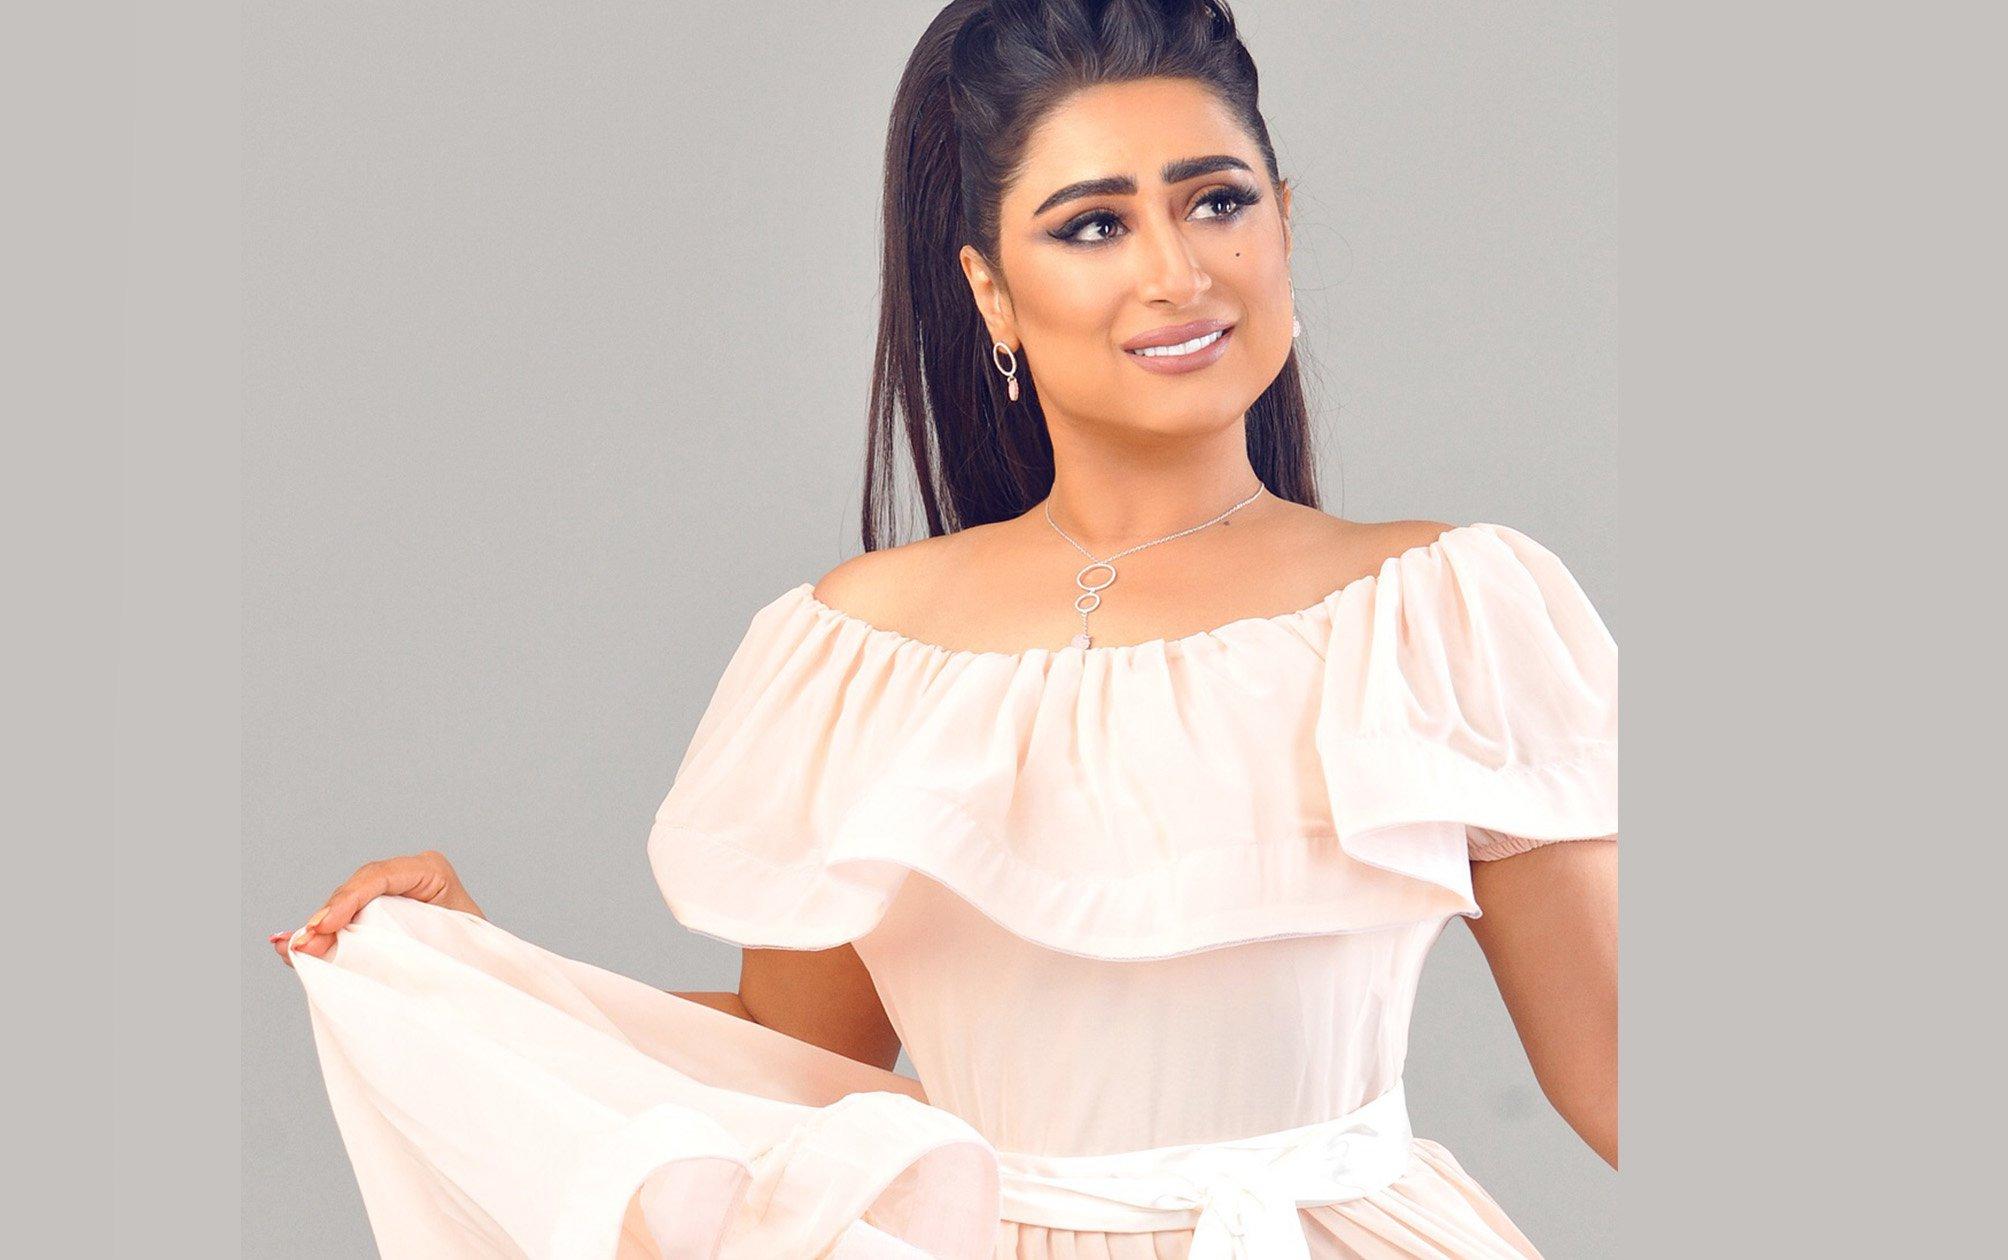 فيديو شيماء سبت ترد على منتقدي شكلها قبل التجميل